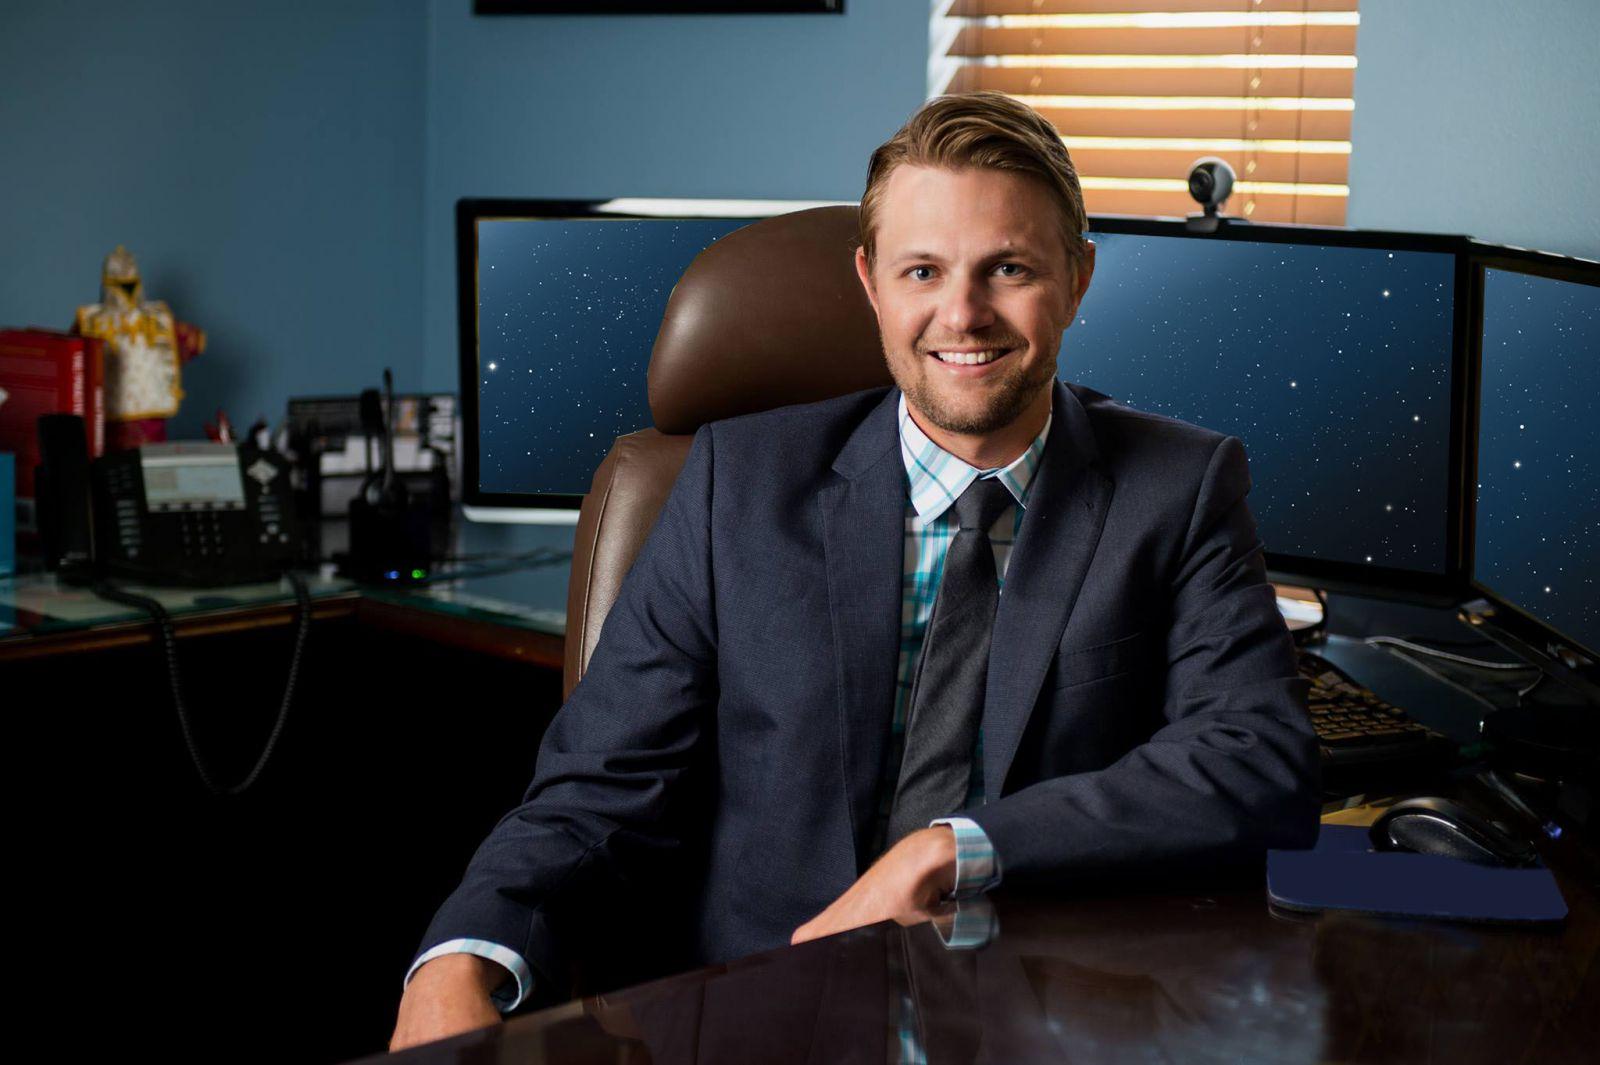 Darren Newhart